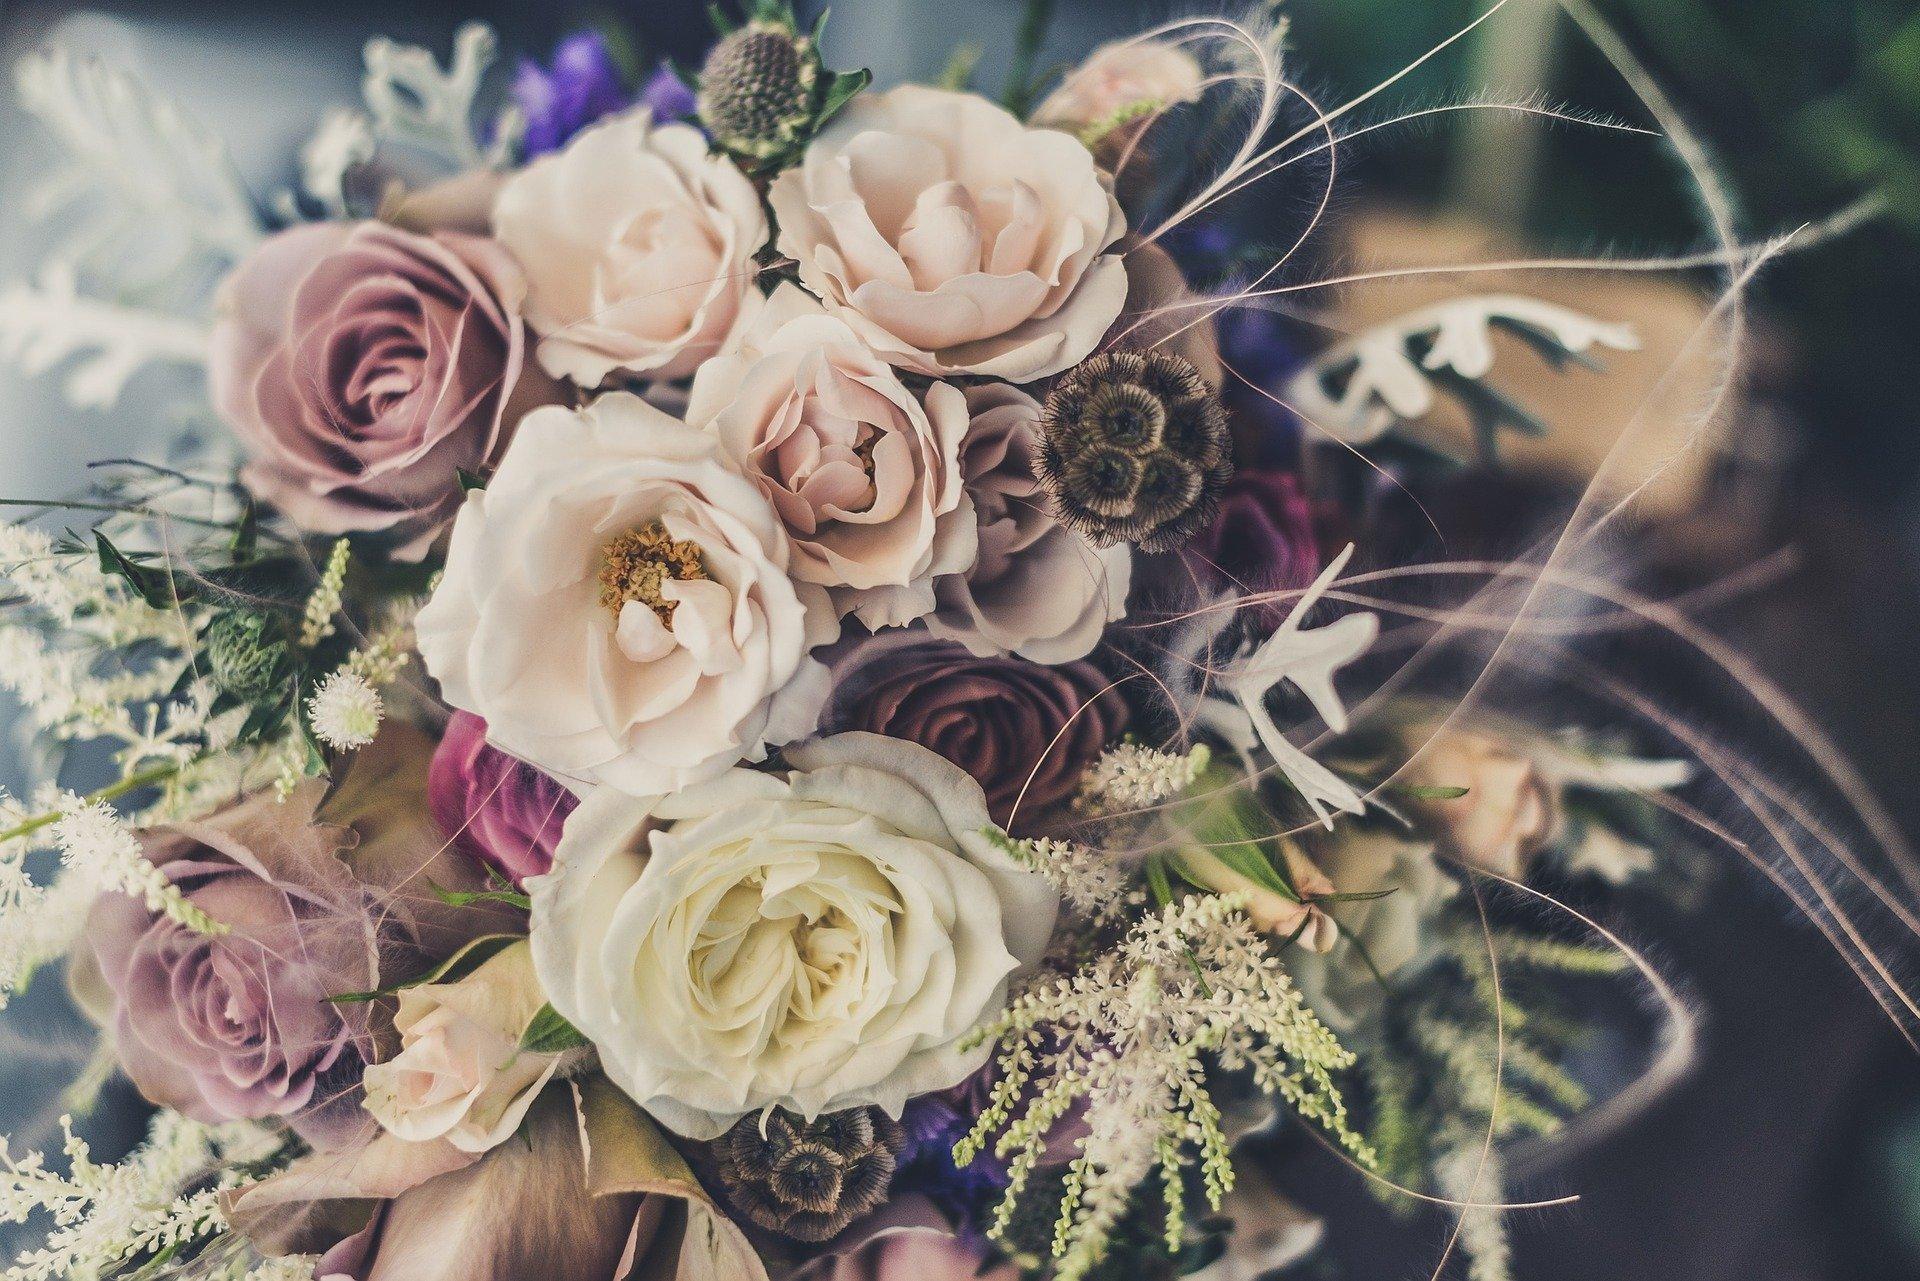 Les fleurs, un cadeau incontournable pour le nouvel an